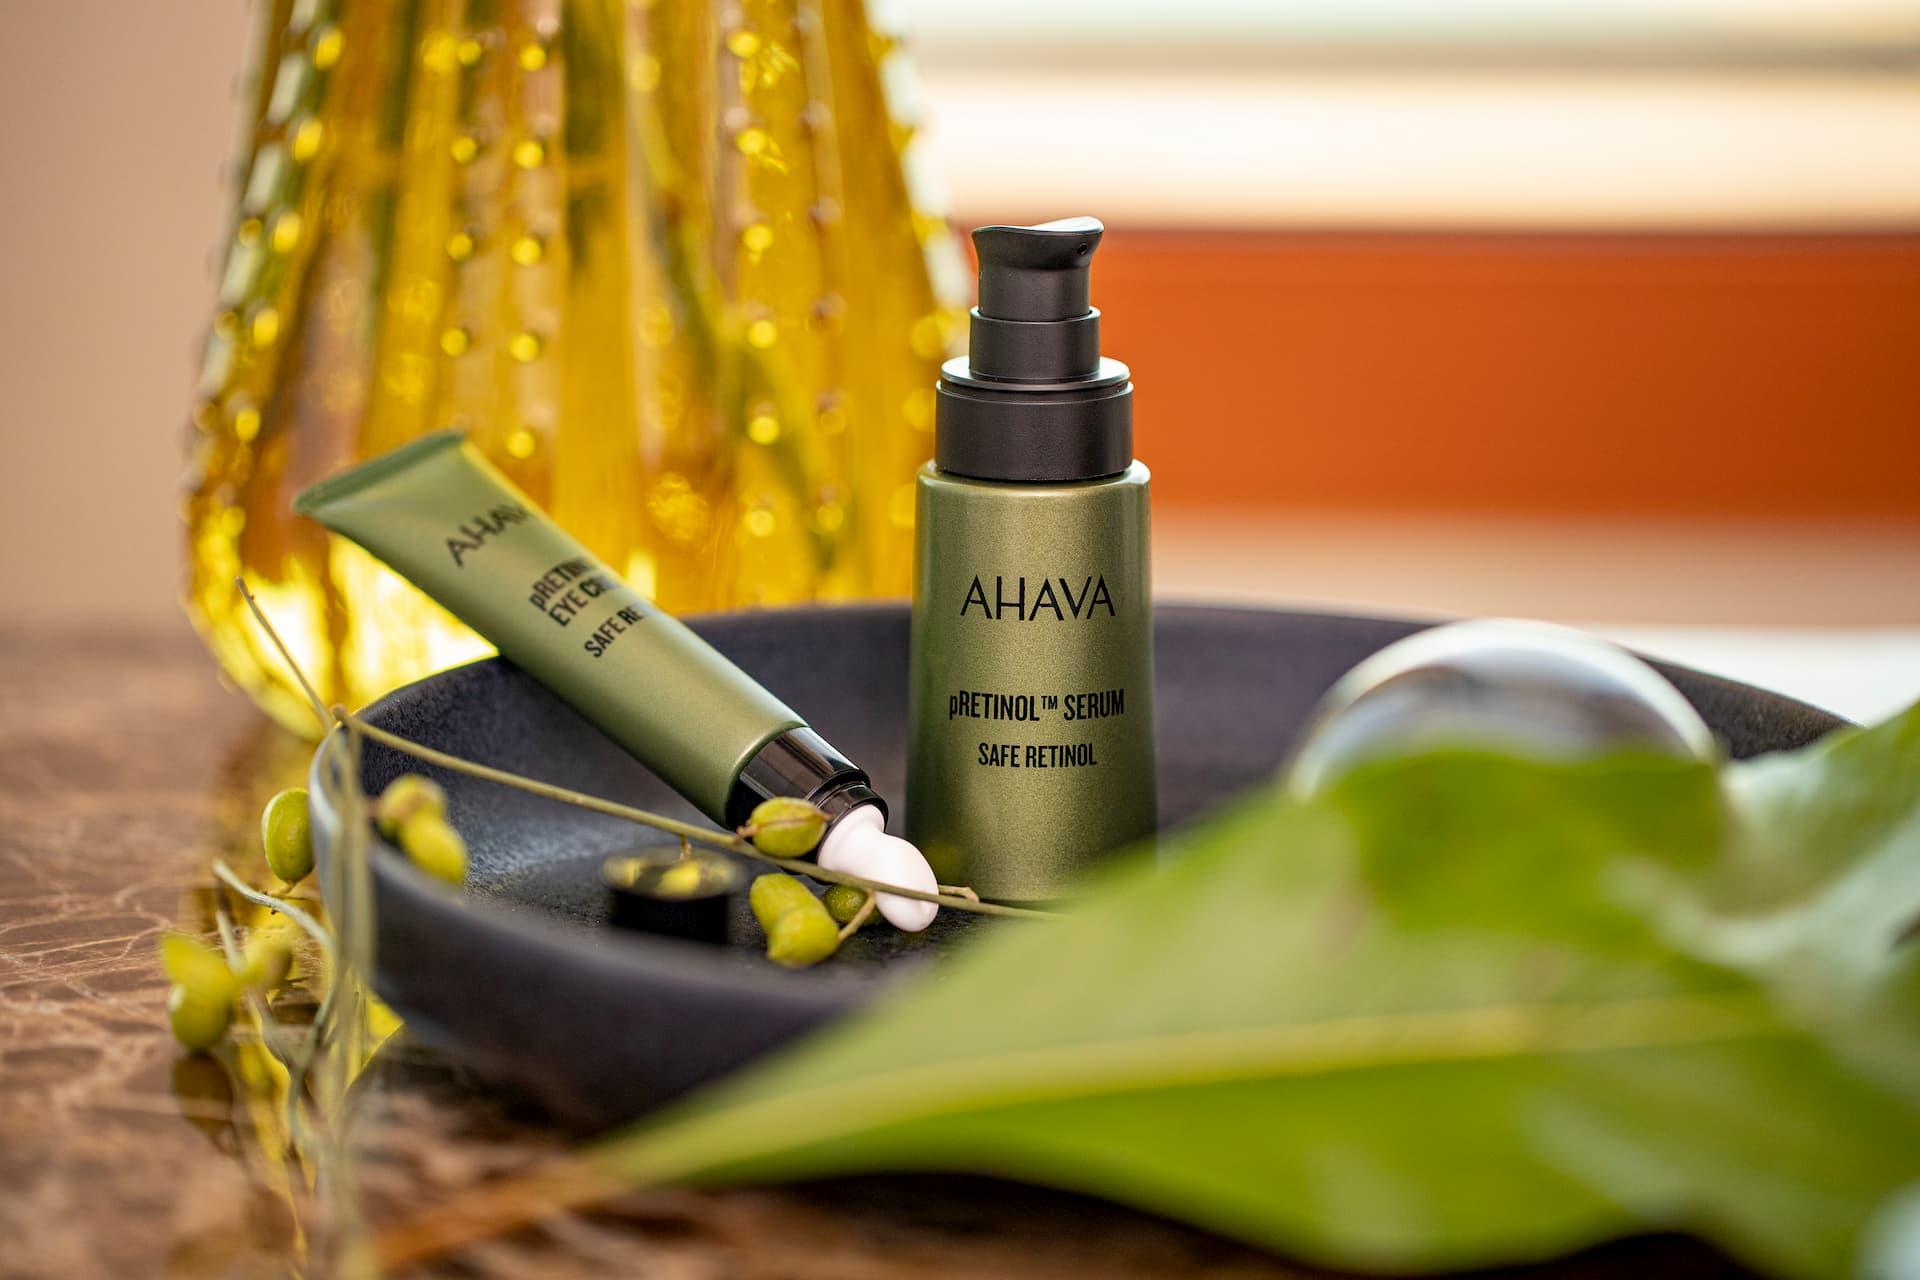 Сыворотка AHAVA с pRetinol'ом может делать с кожей чудеса